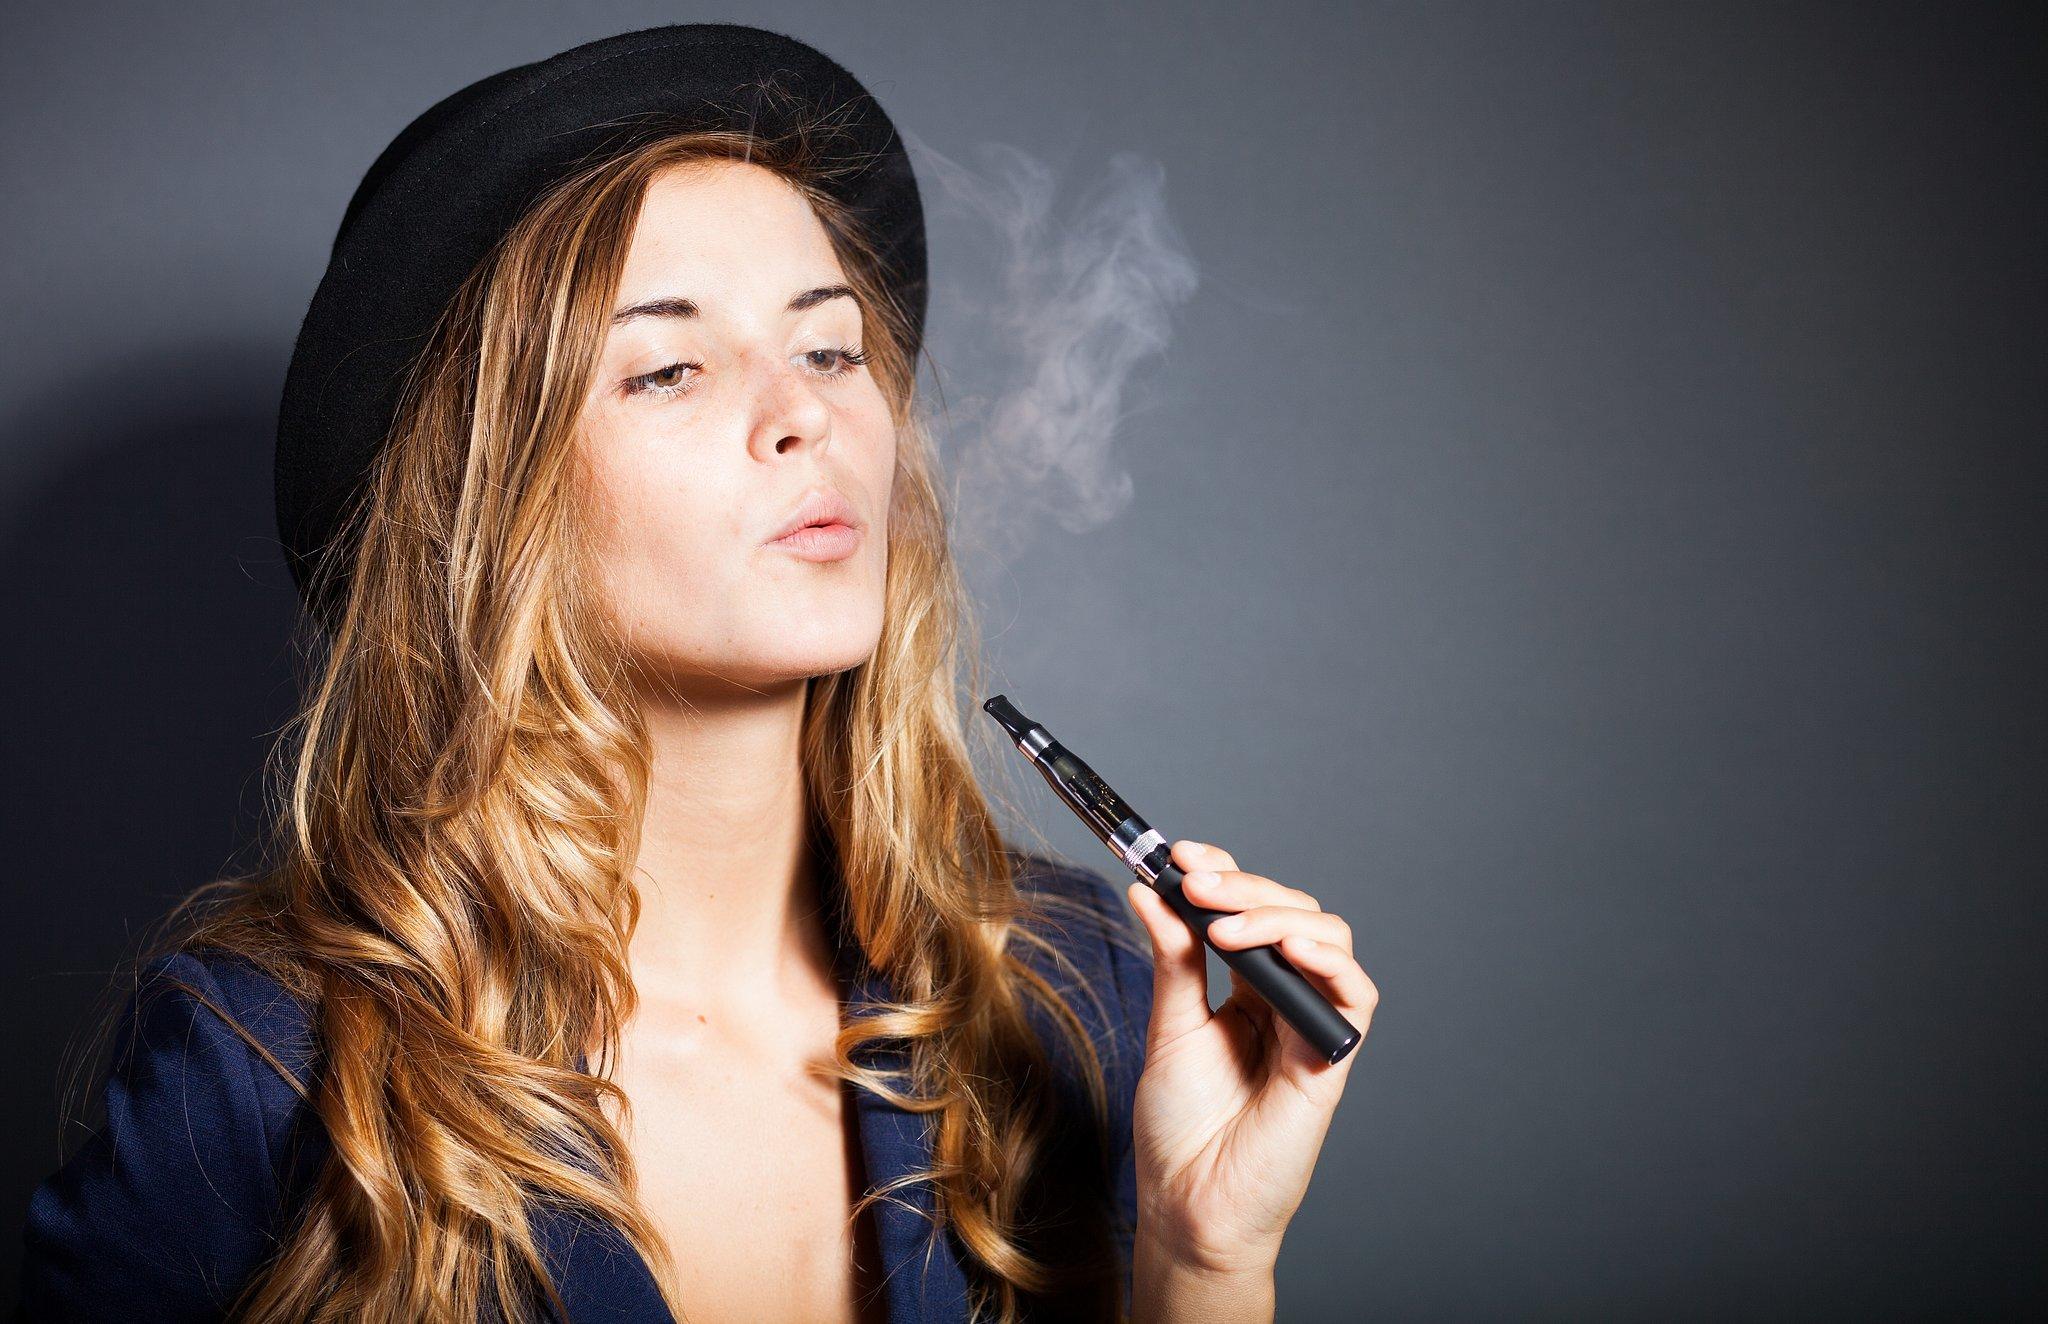 Электронные сигареты JoyTech! Наборы от 1000рублей, жидкость 223,50